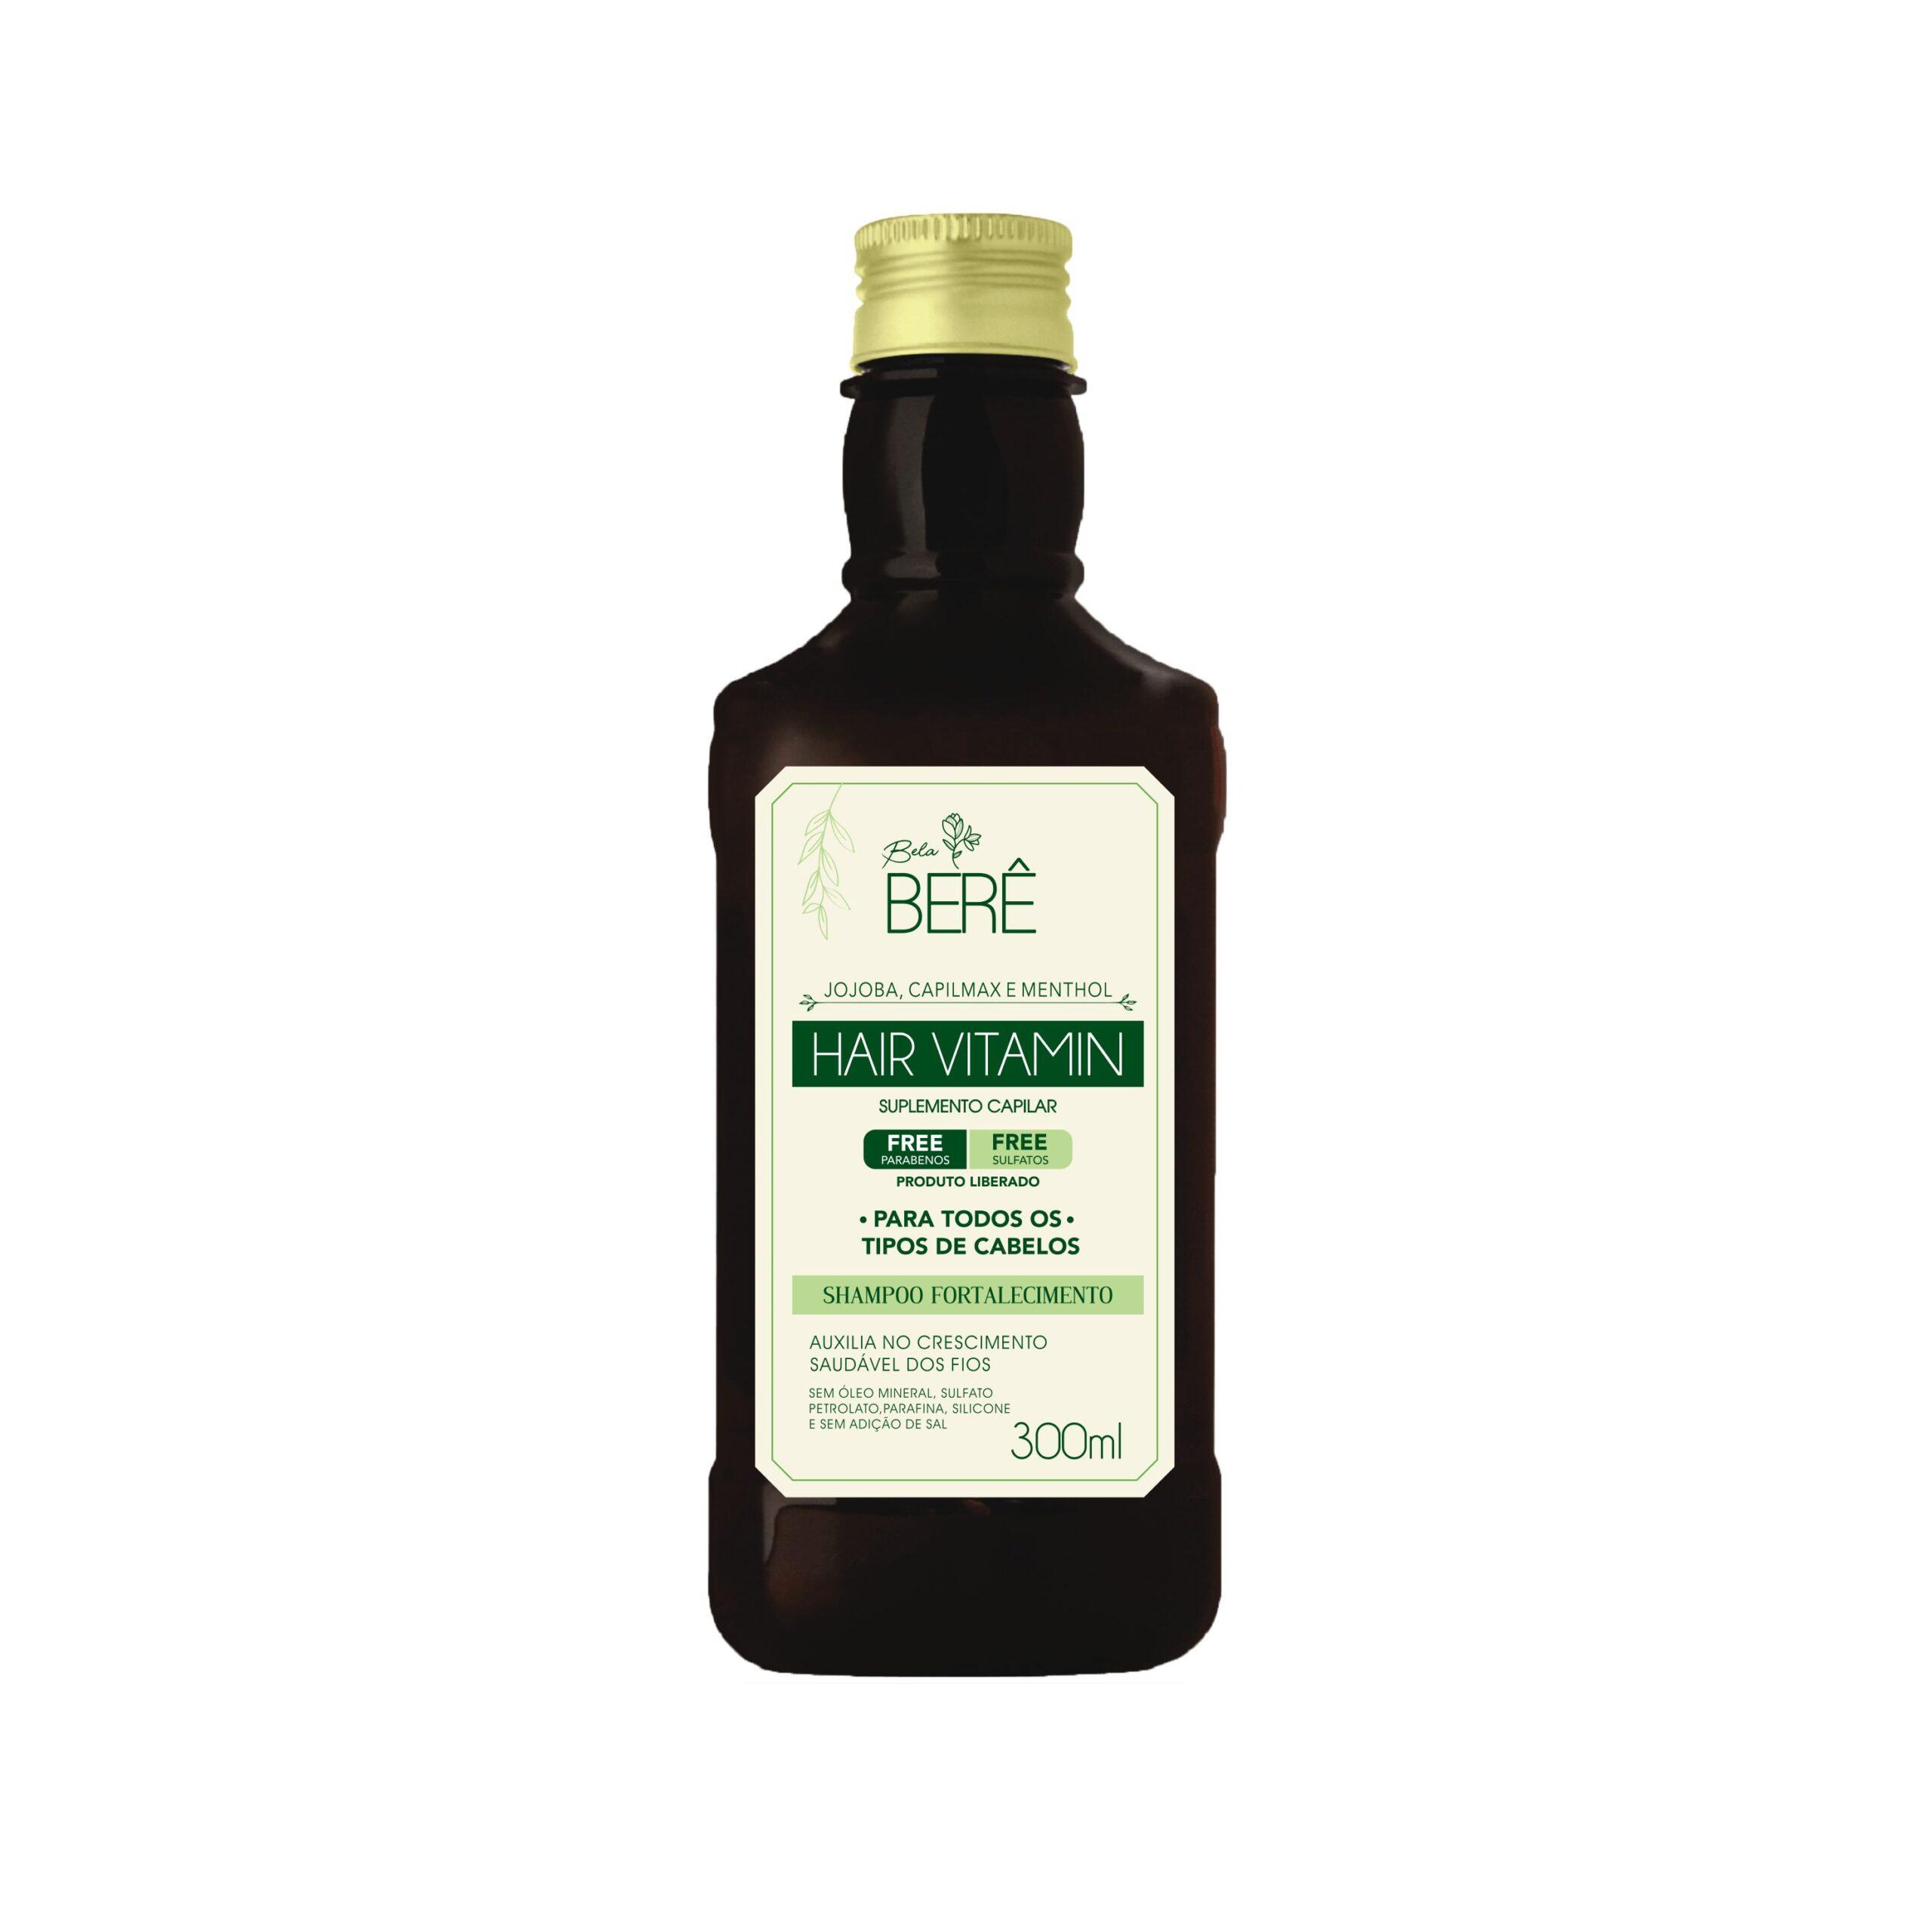 shampoo hair vitamin